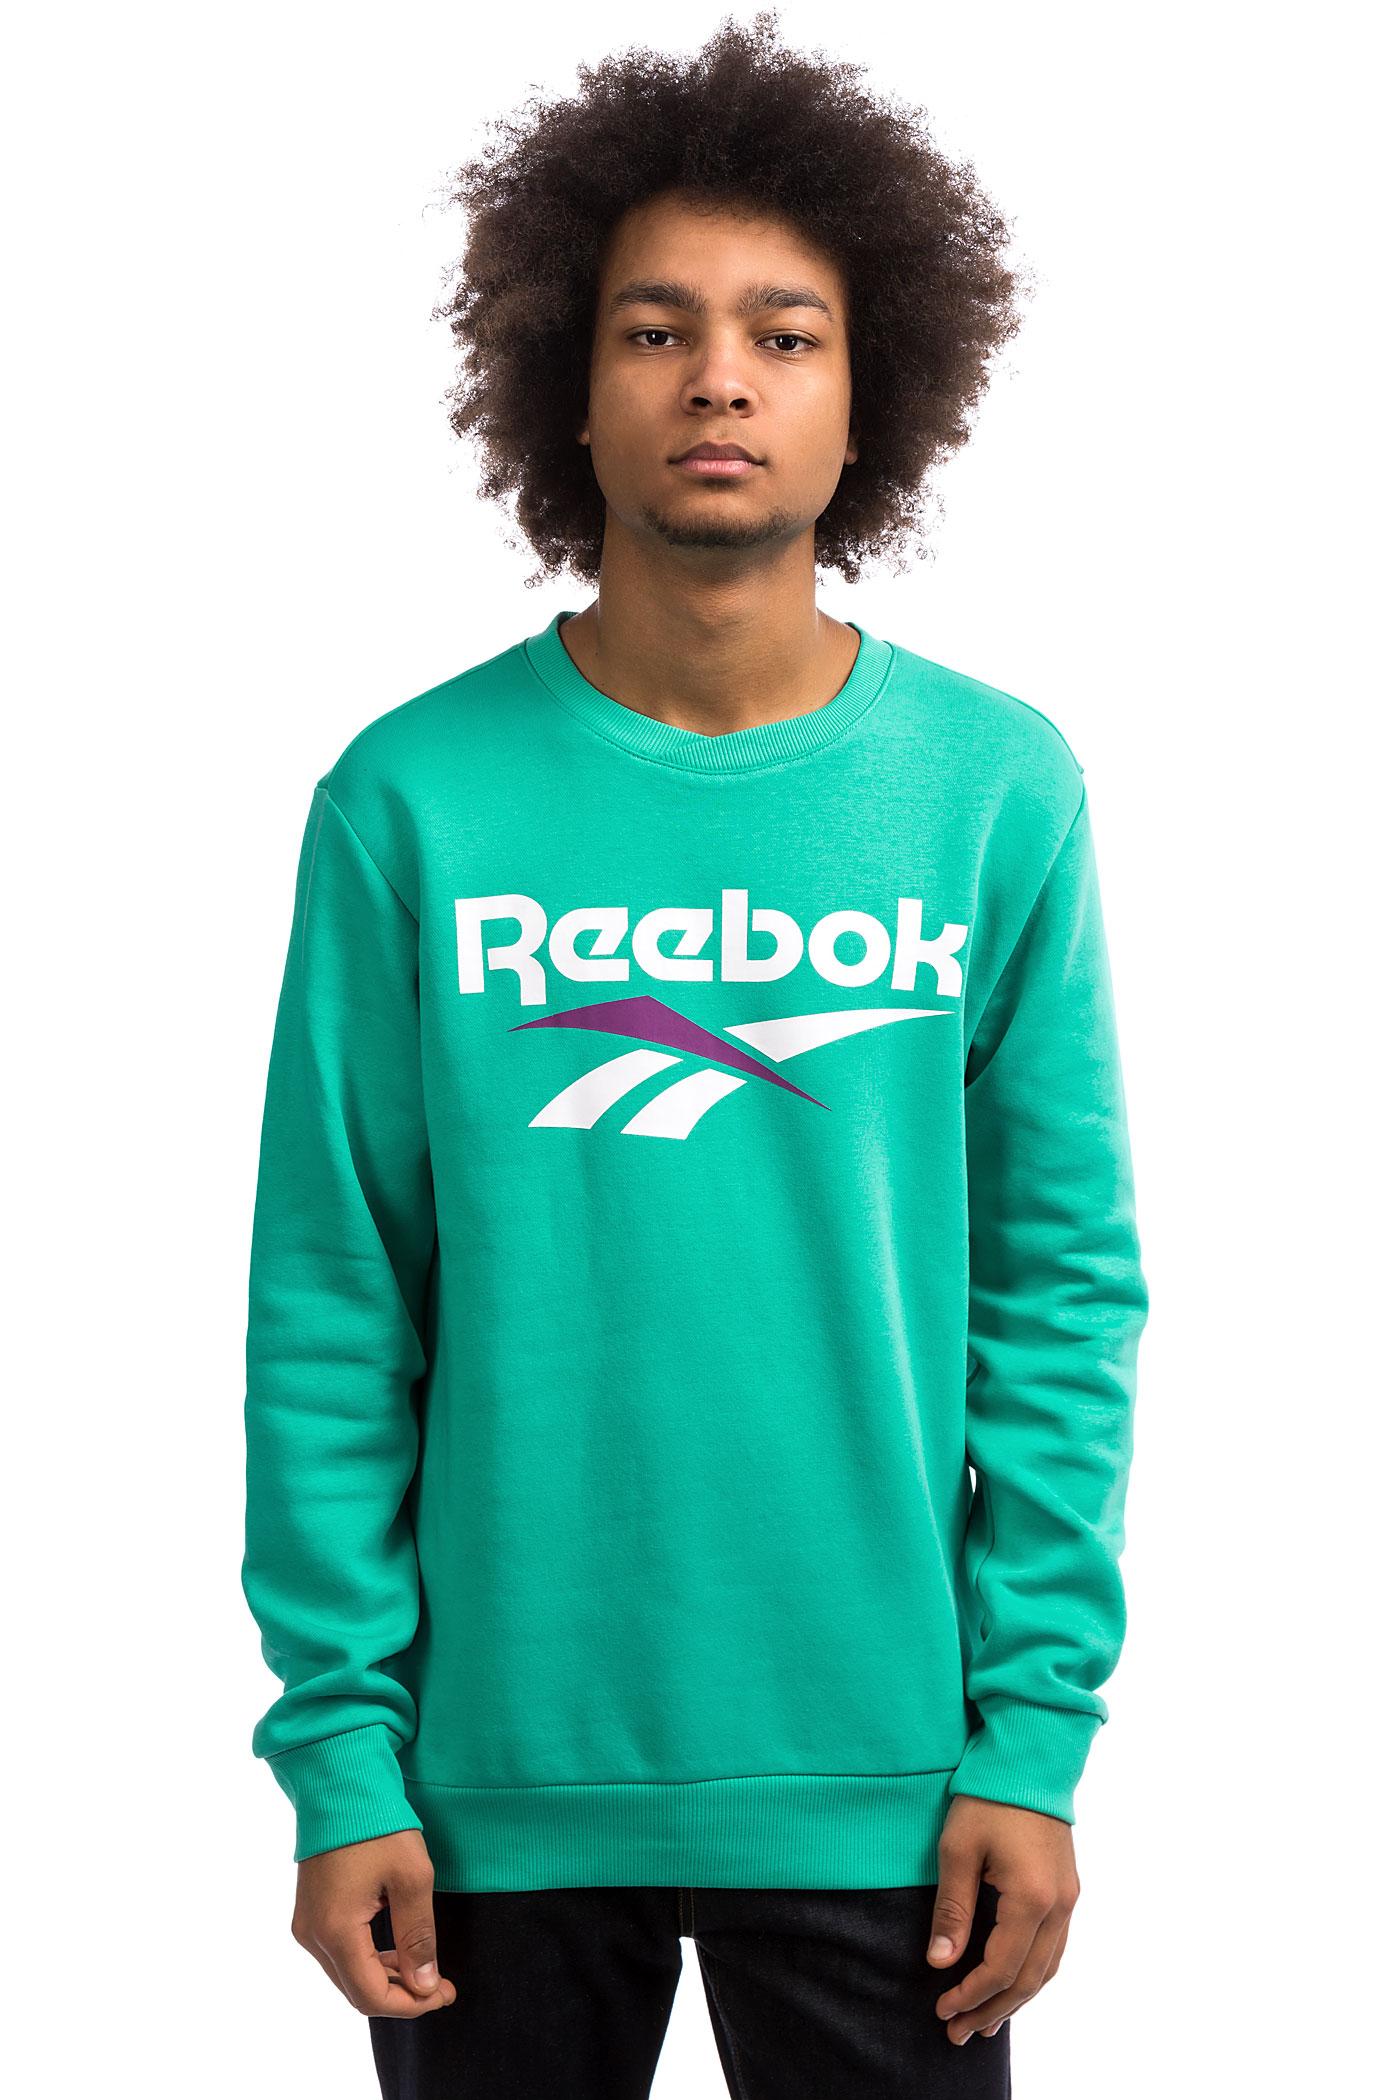 Sweatshirttimeless V Teal V Teal Cl Cl Sweatshirttimeless Reebok Reebok Cl V Reebok OZPkiuX